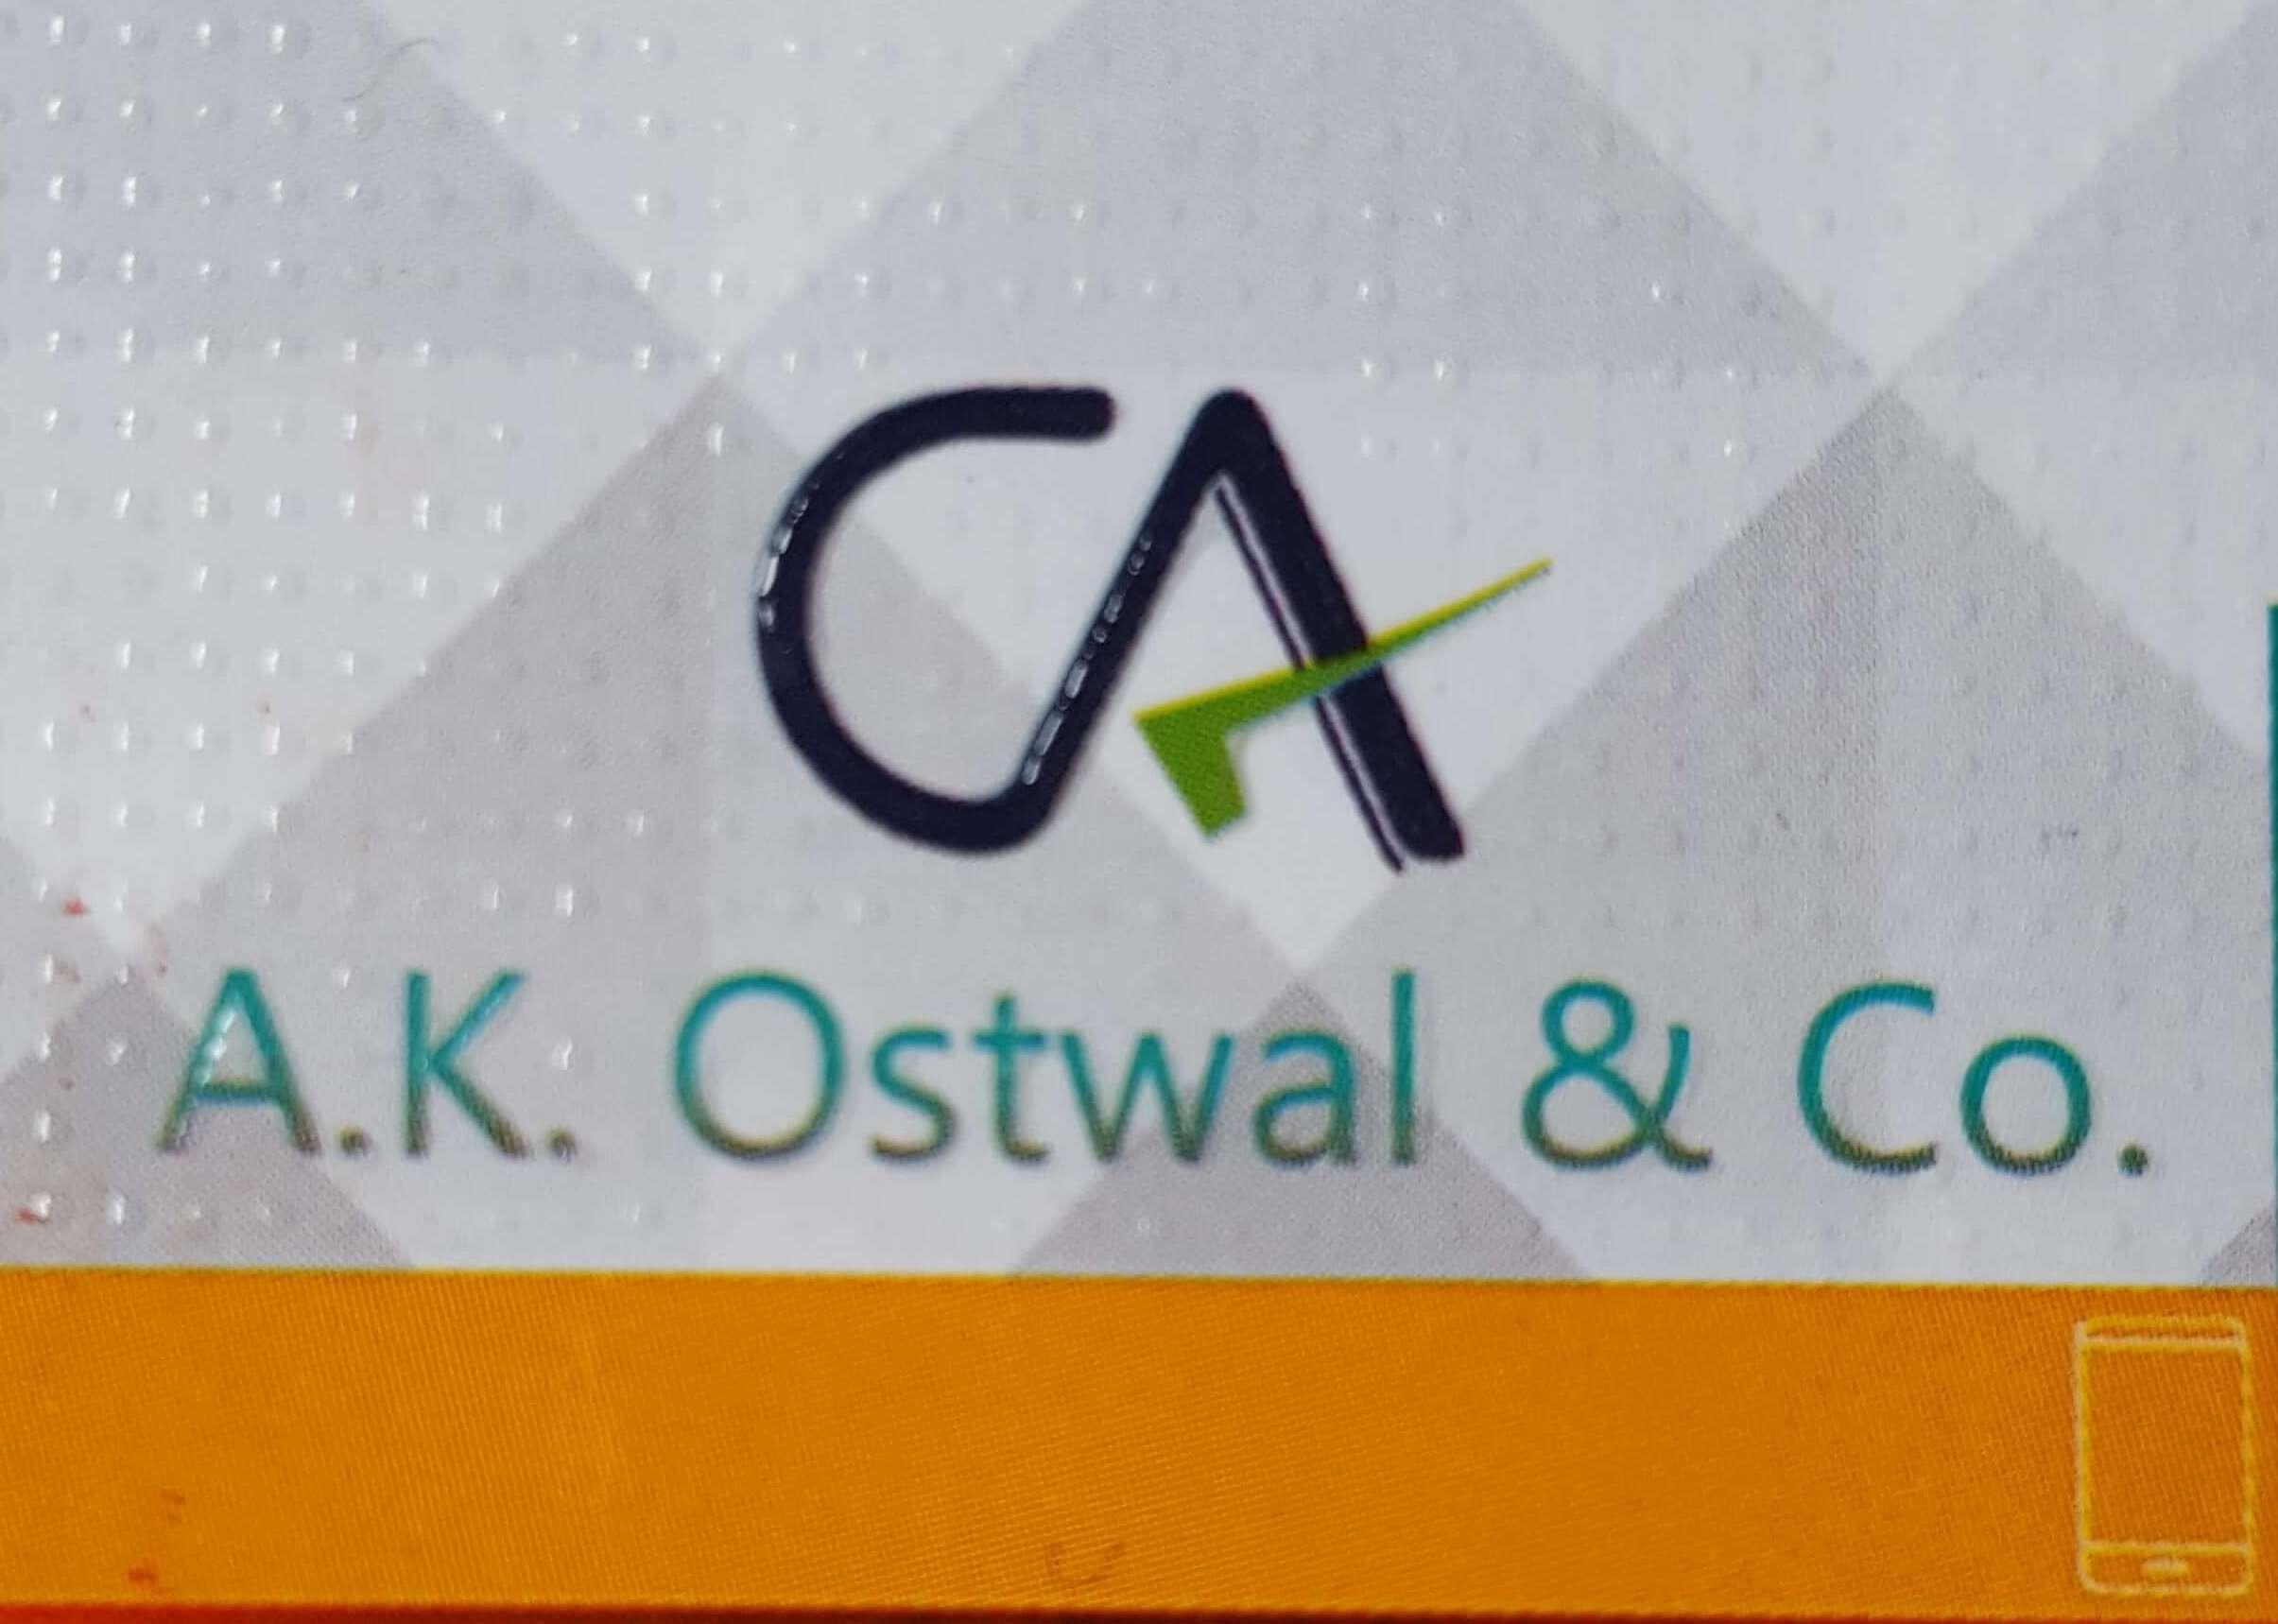 A K OSTWAL & CO